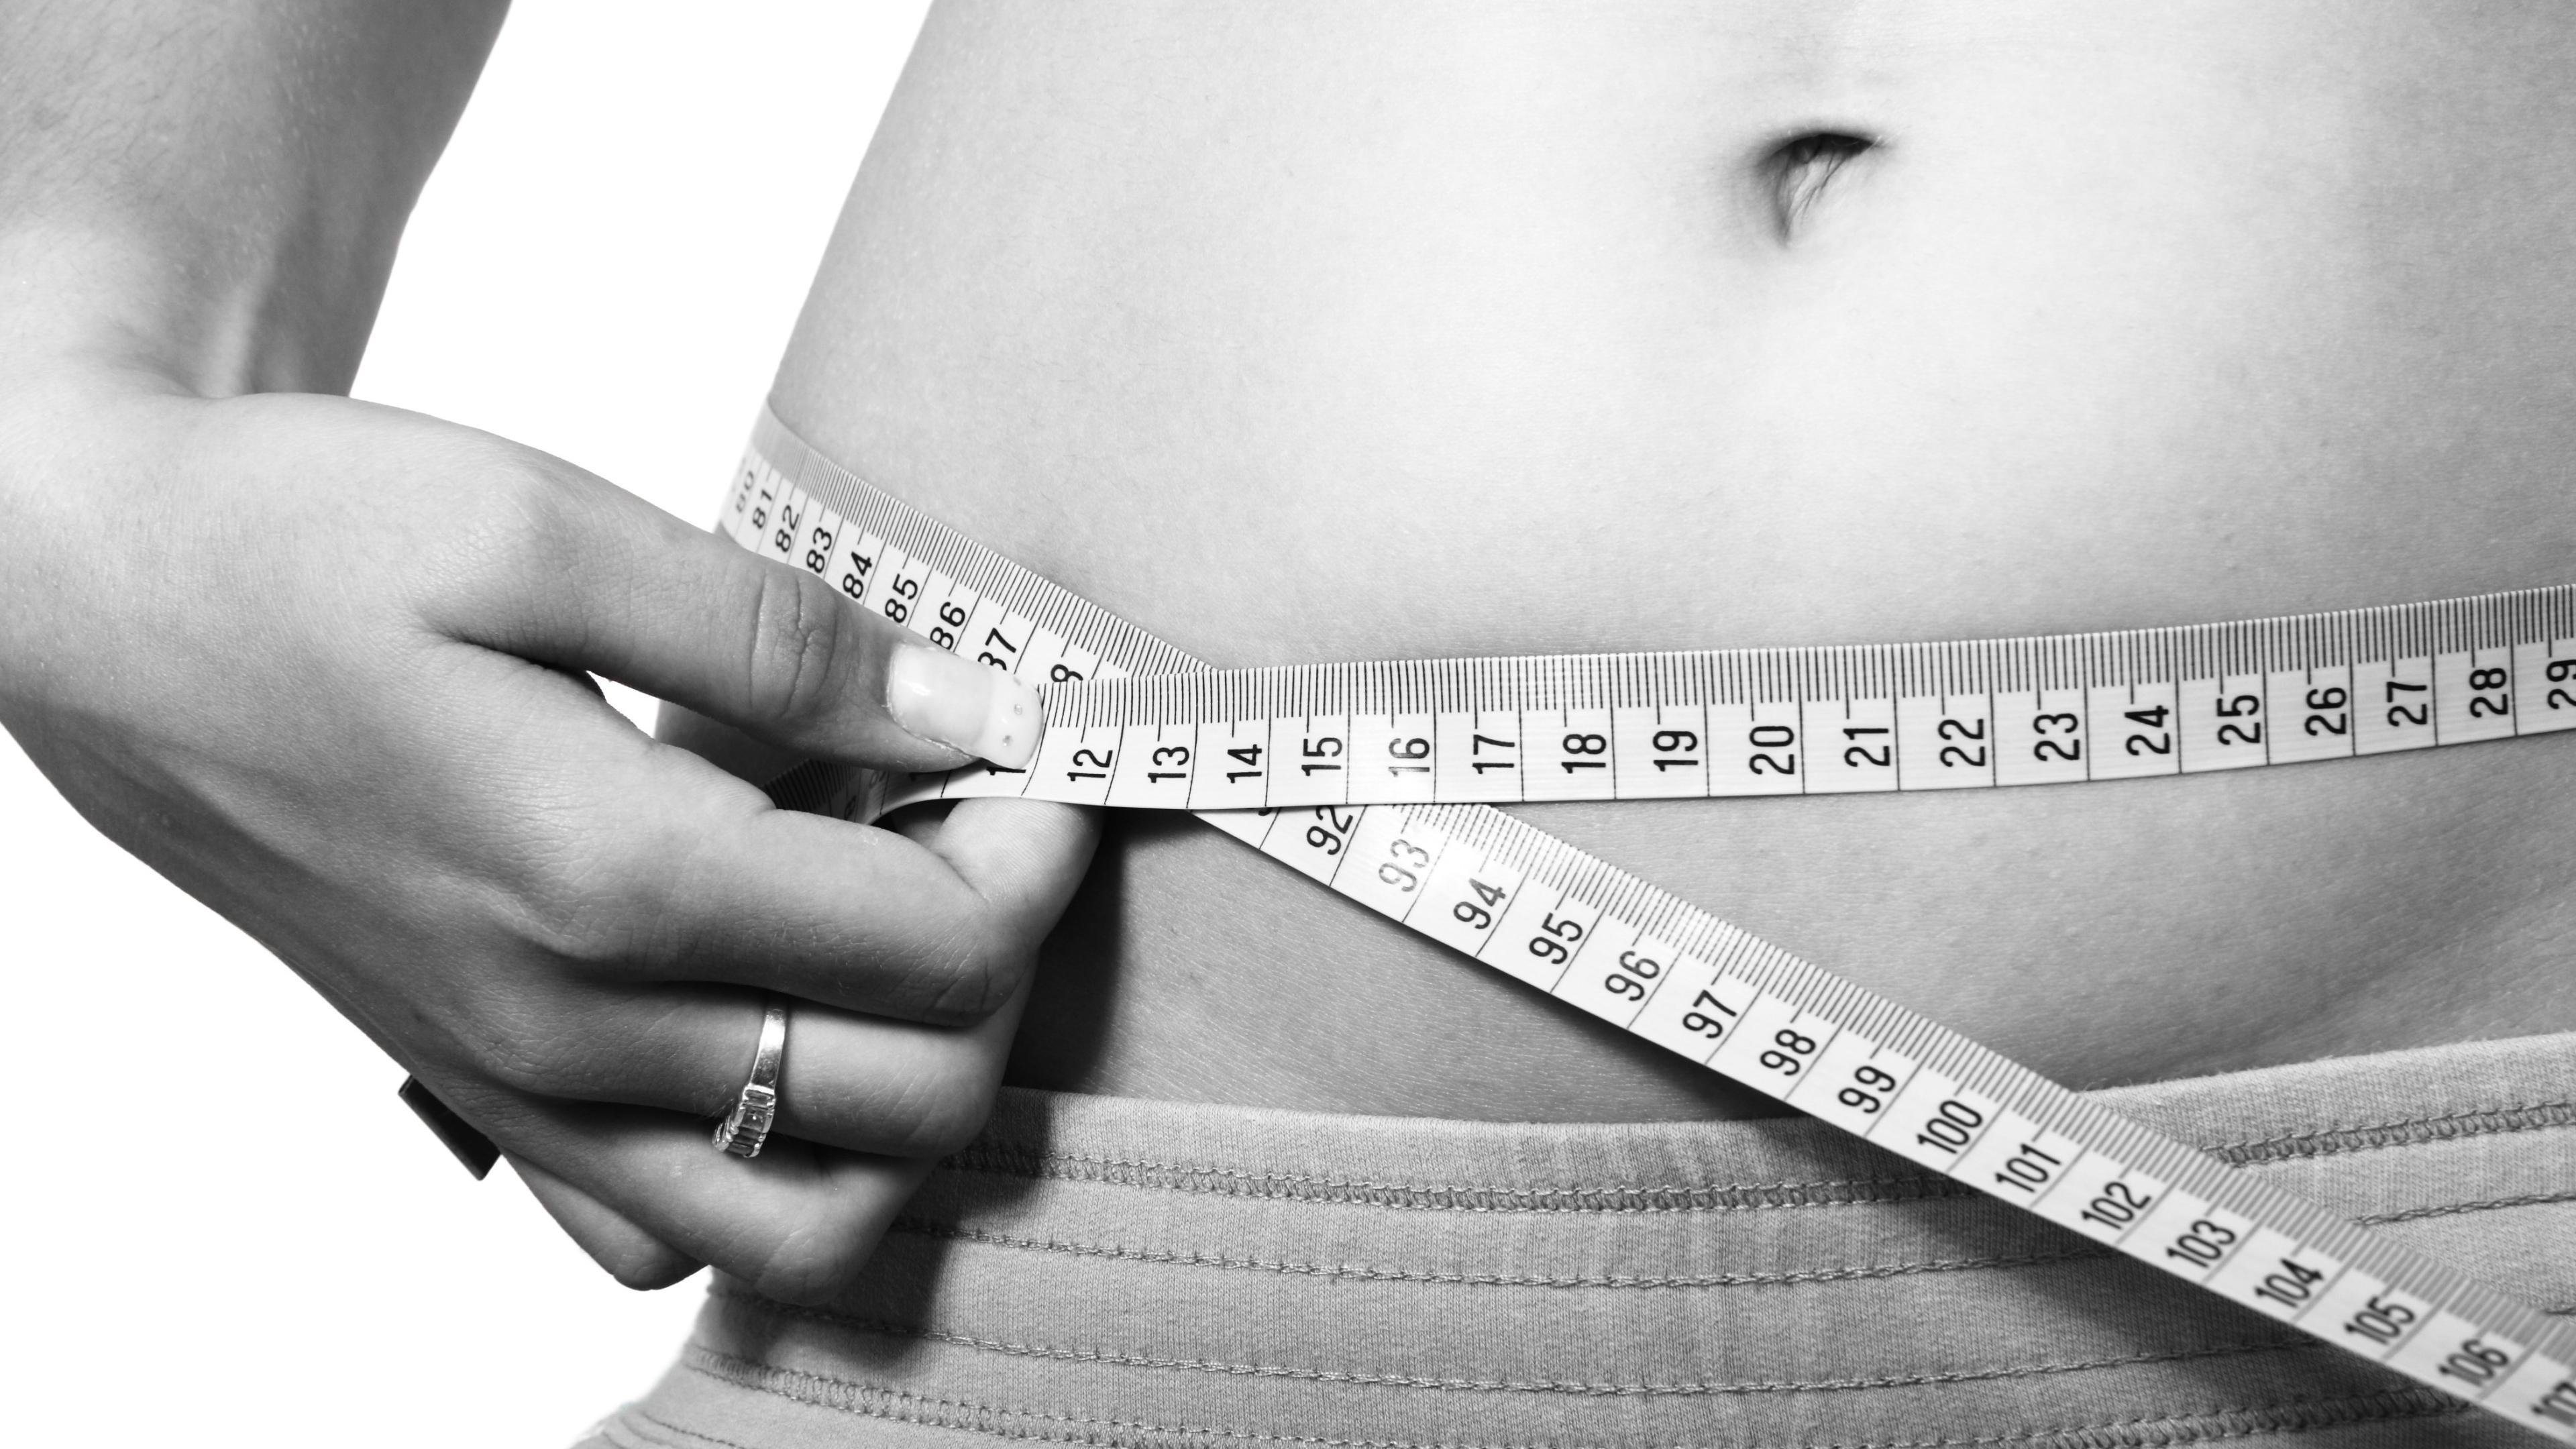 Плавный и умеренный набор веса связали с более высокой продолжительностью жизни